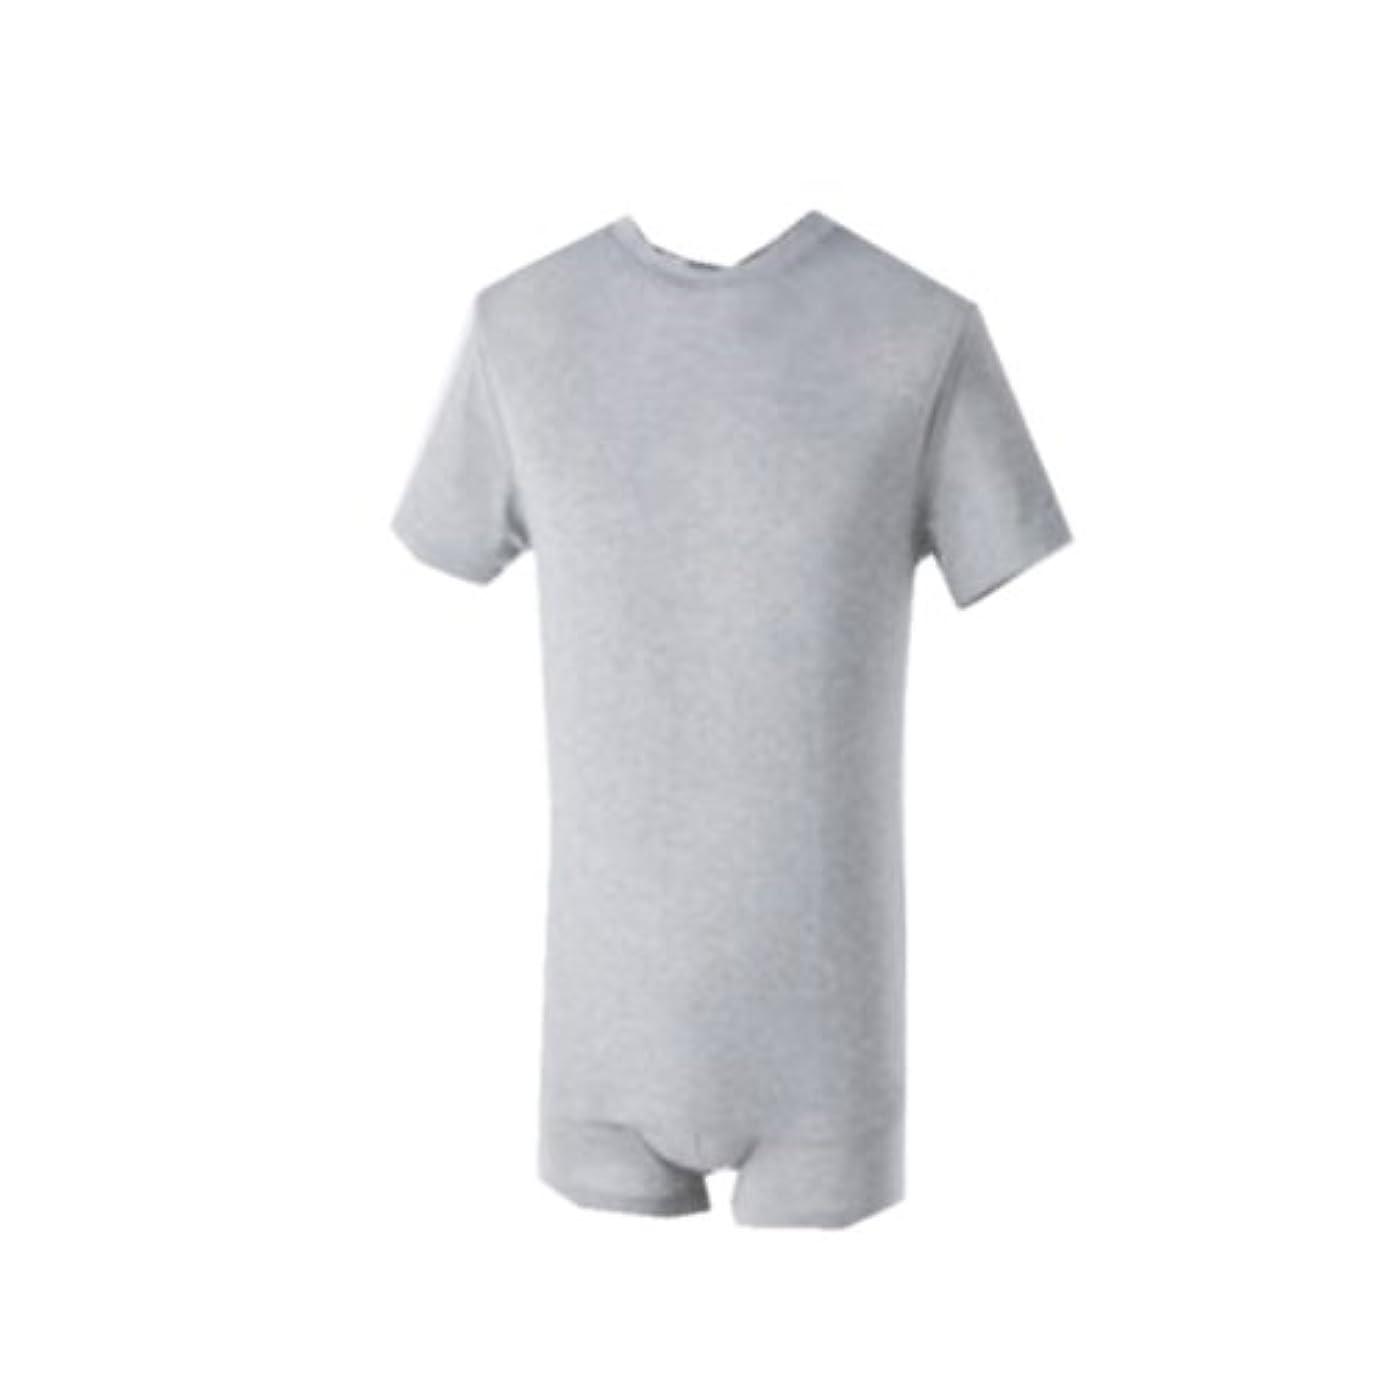 便利団結するリダクター竹スタイル メンズアンダーTシャツ グレー L